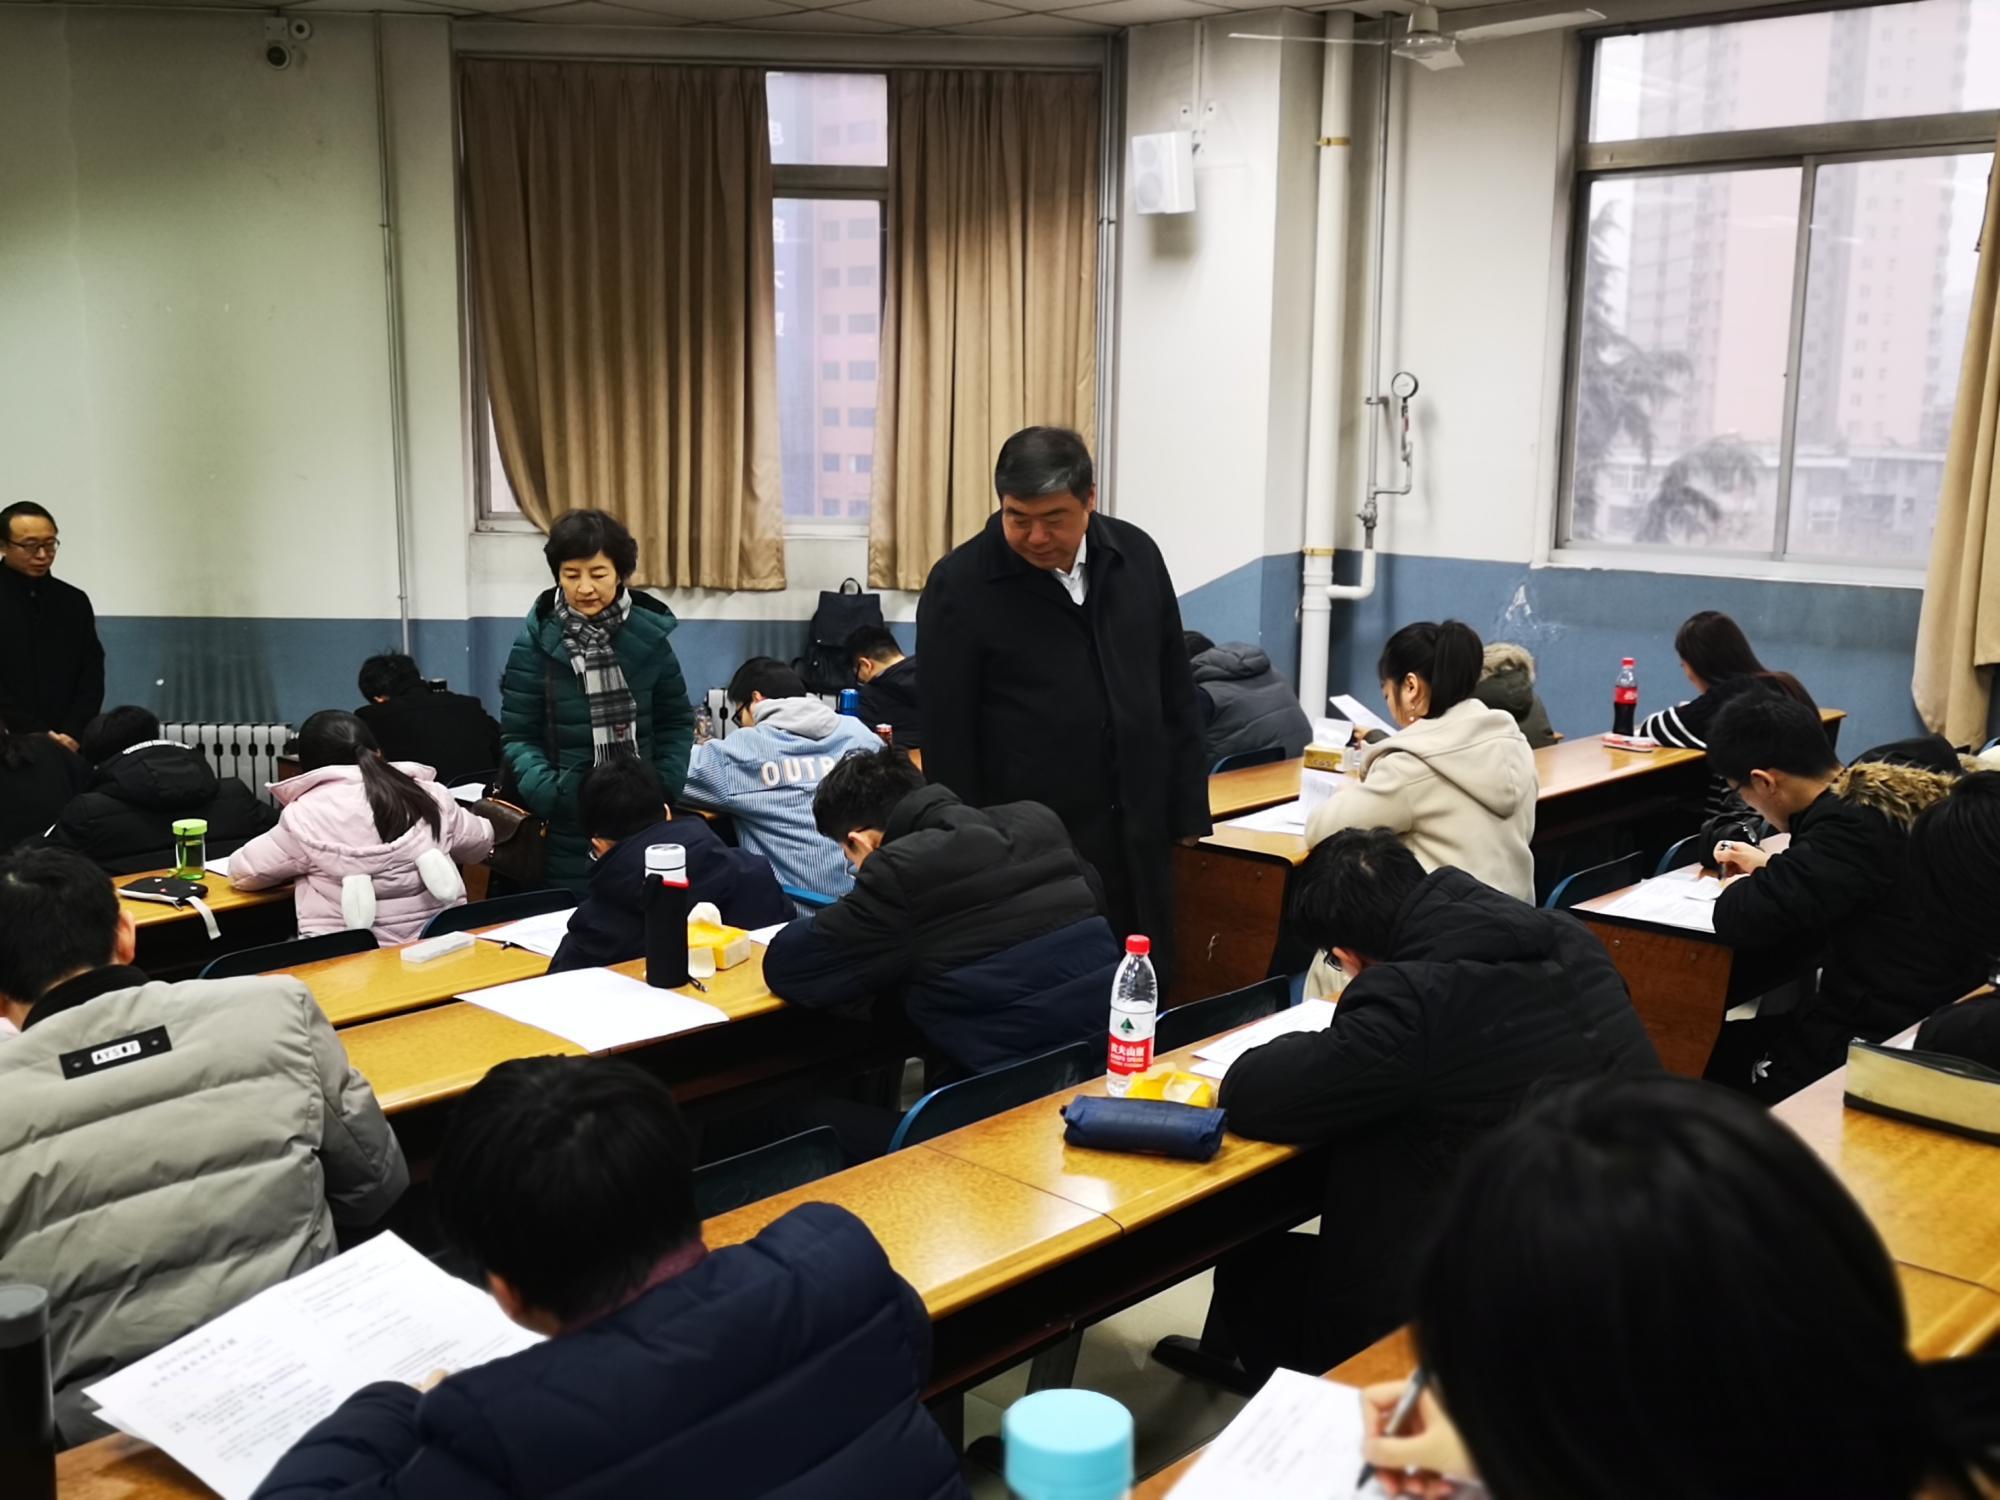 校领导深入考场检查研究生期末考试工作